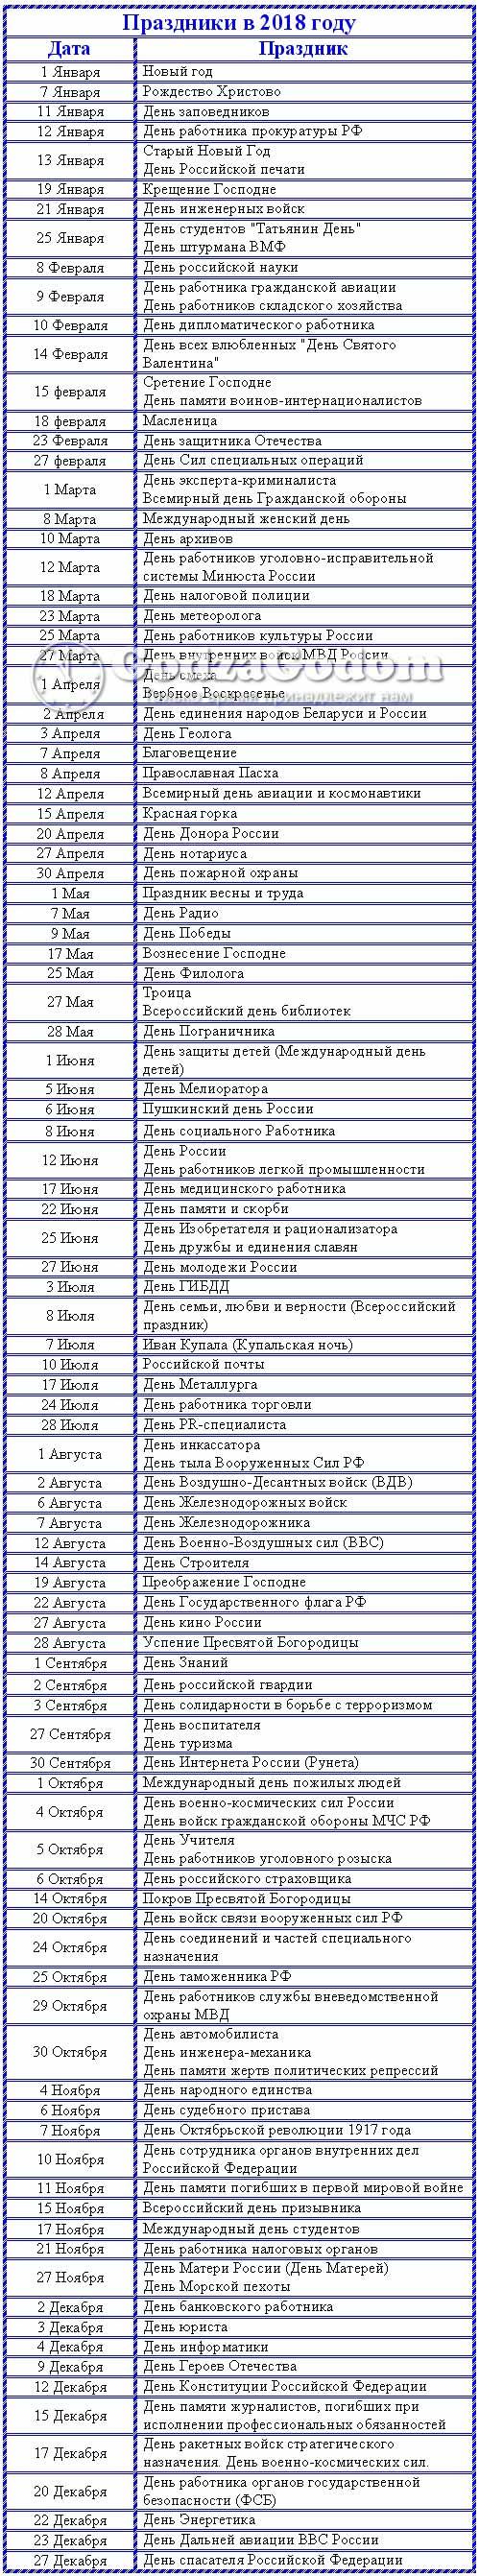 Праздники в 2018 году в России — календарь праздников